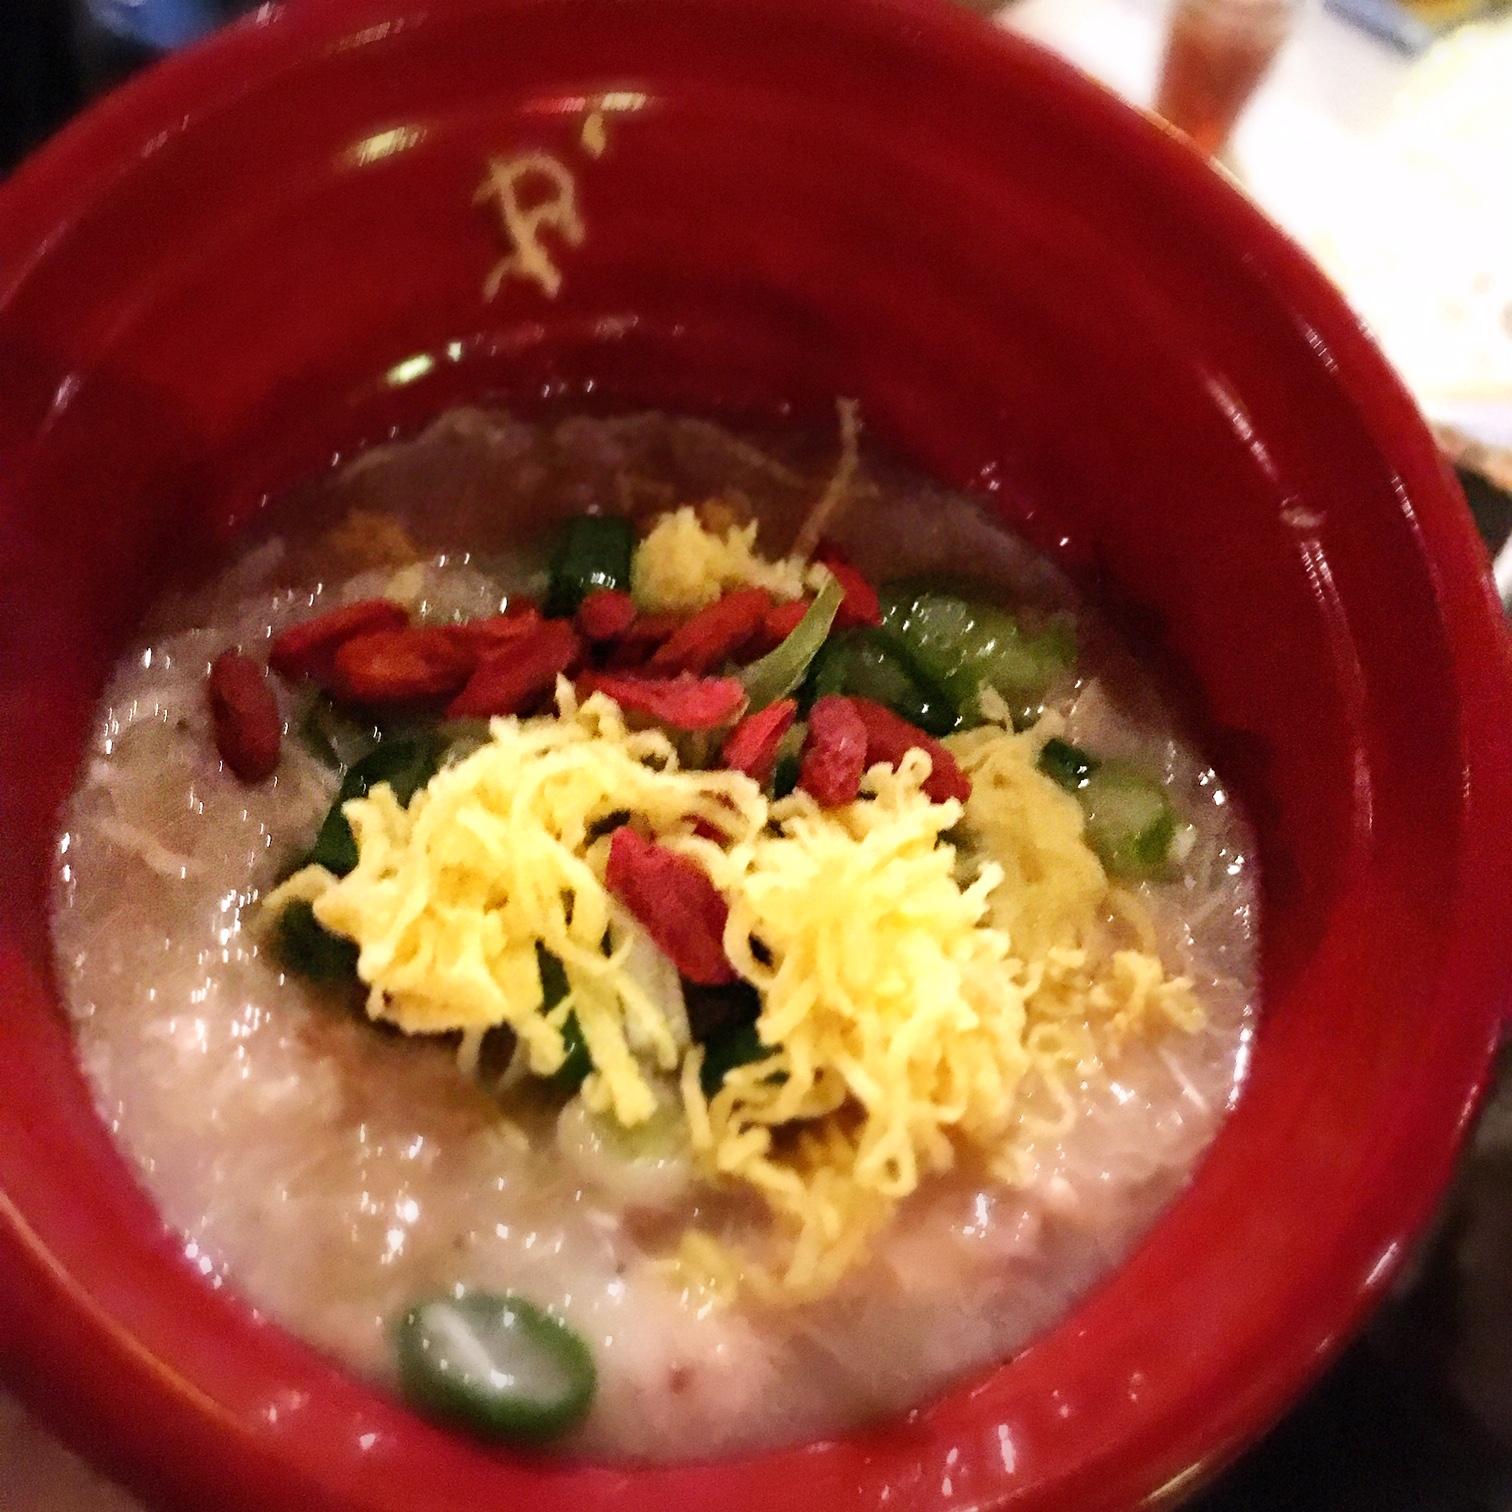 参鶏湯,ホリエモングルメ祭